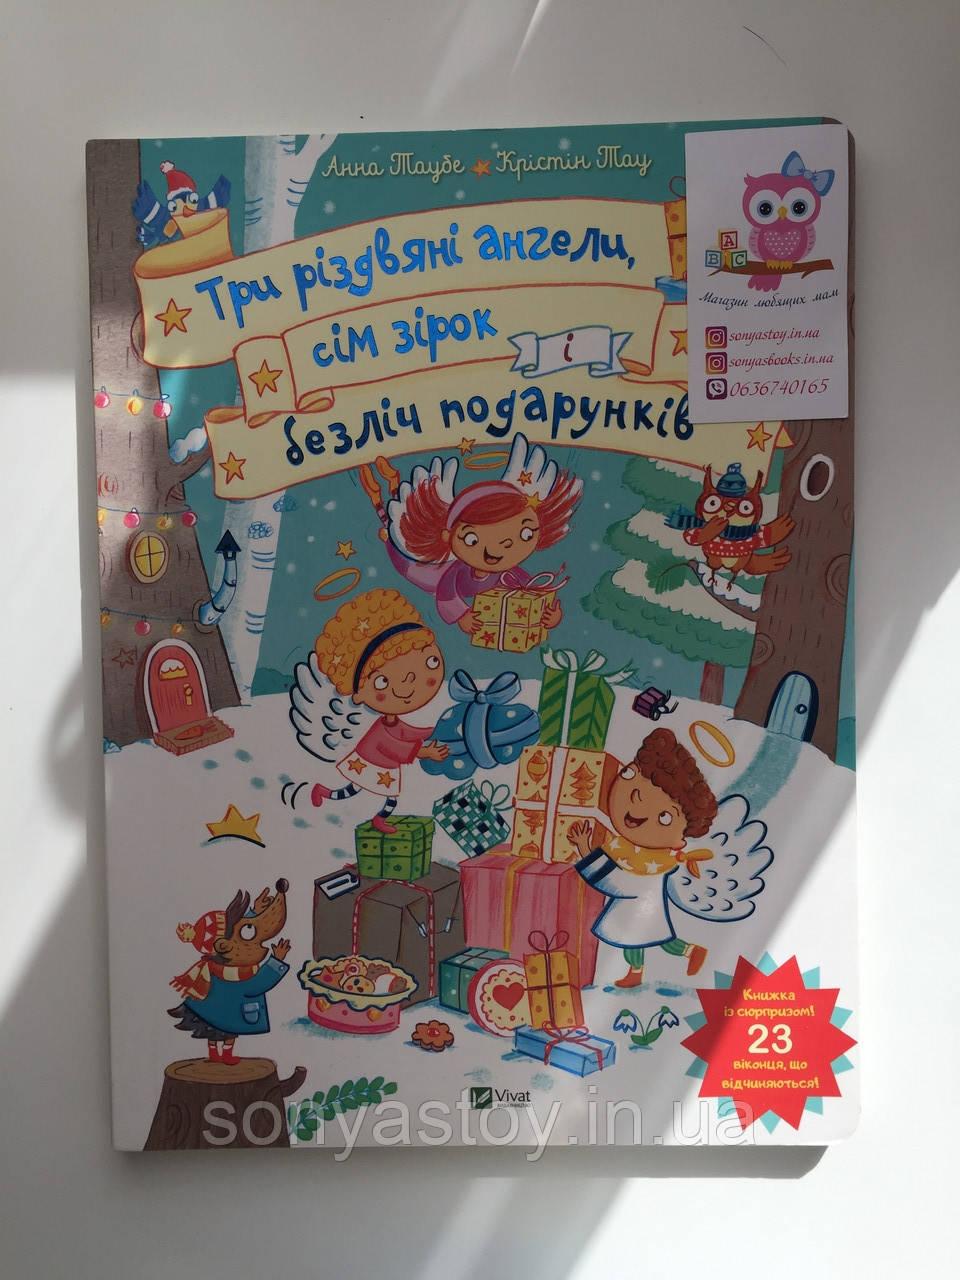 Книга Три різдвяні янголи, сім зірок і безліч подарунків, 1,5+